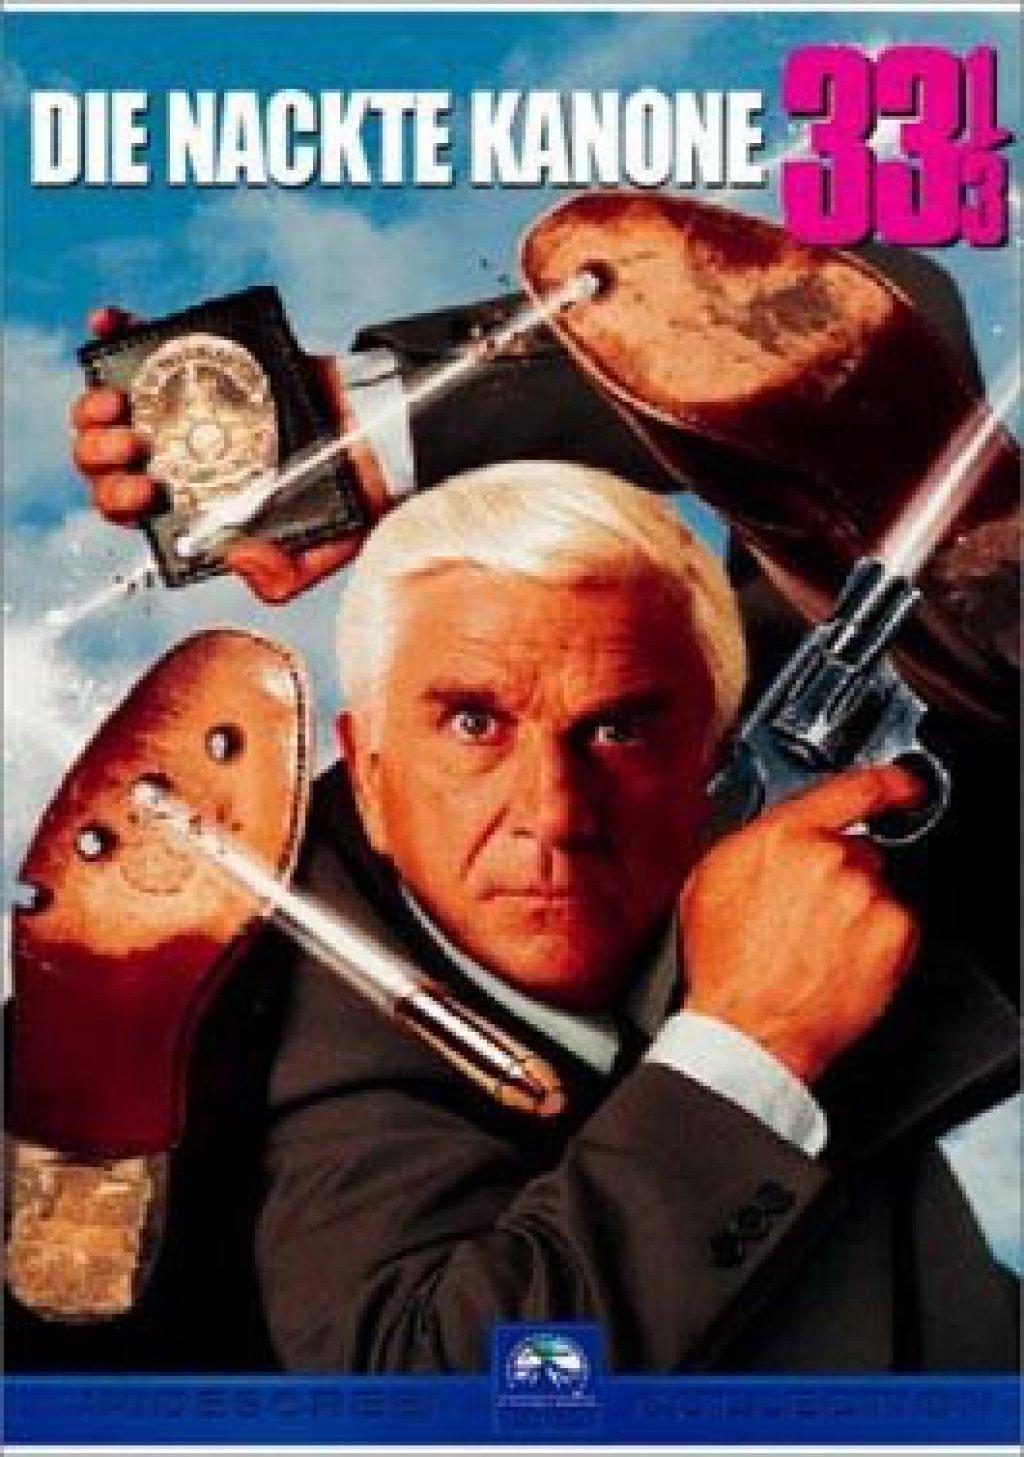 Die Nackte Kanone 33 1/3 (DVD)